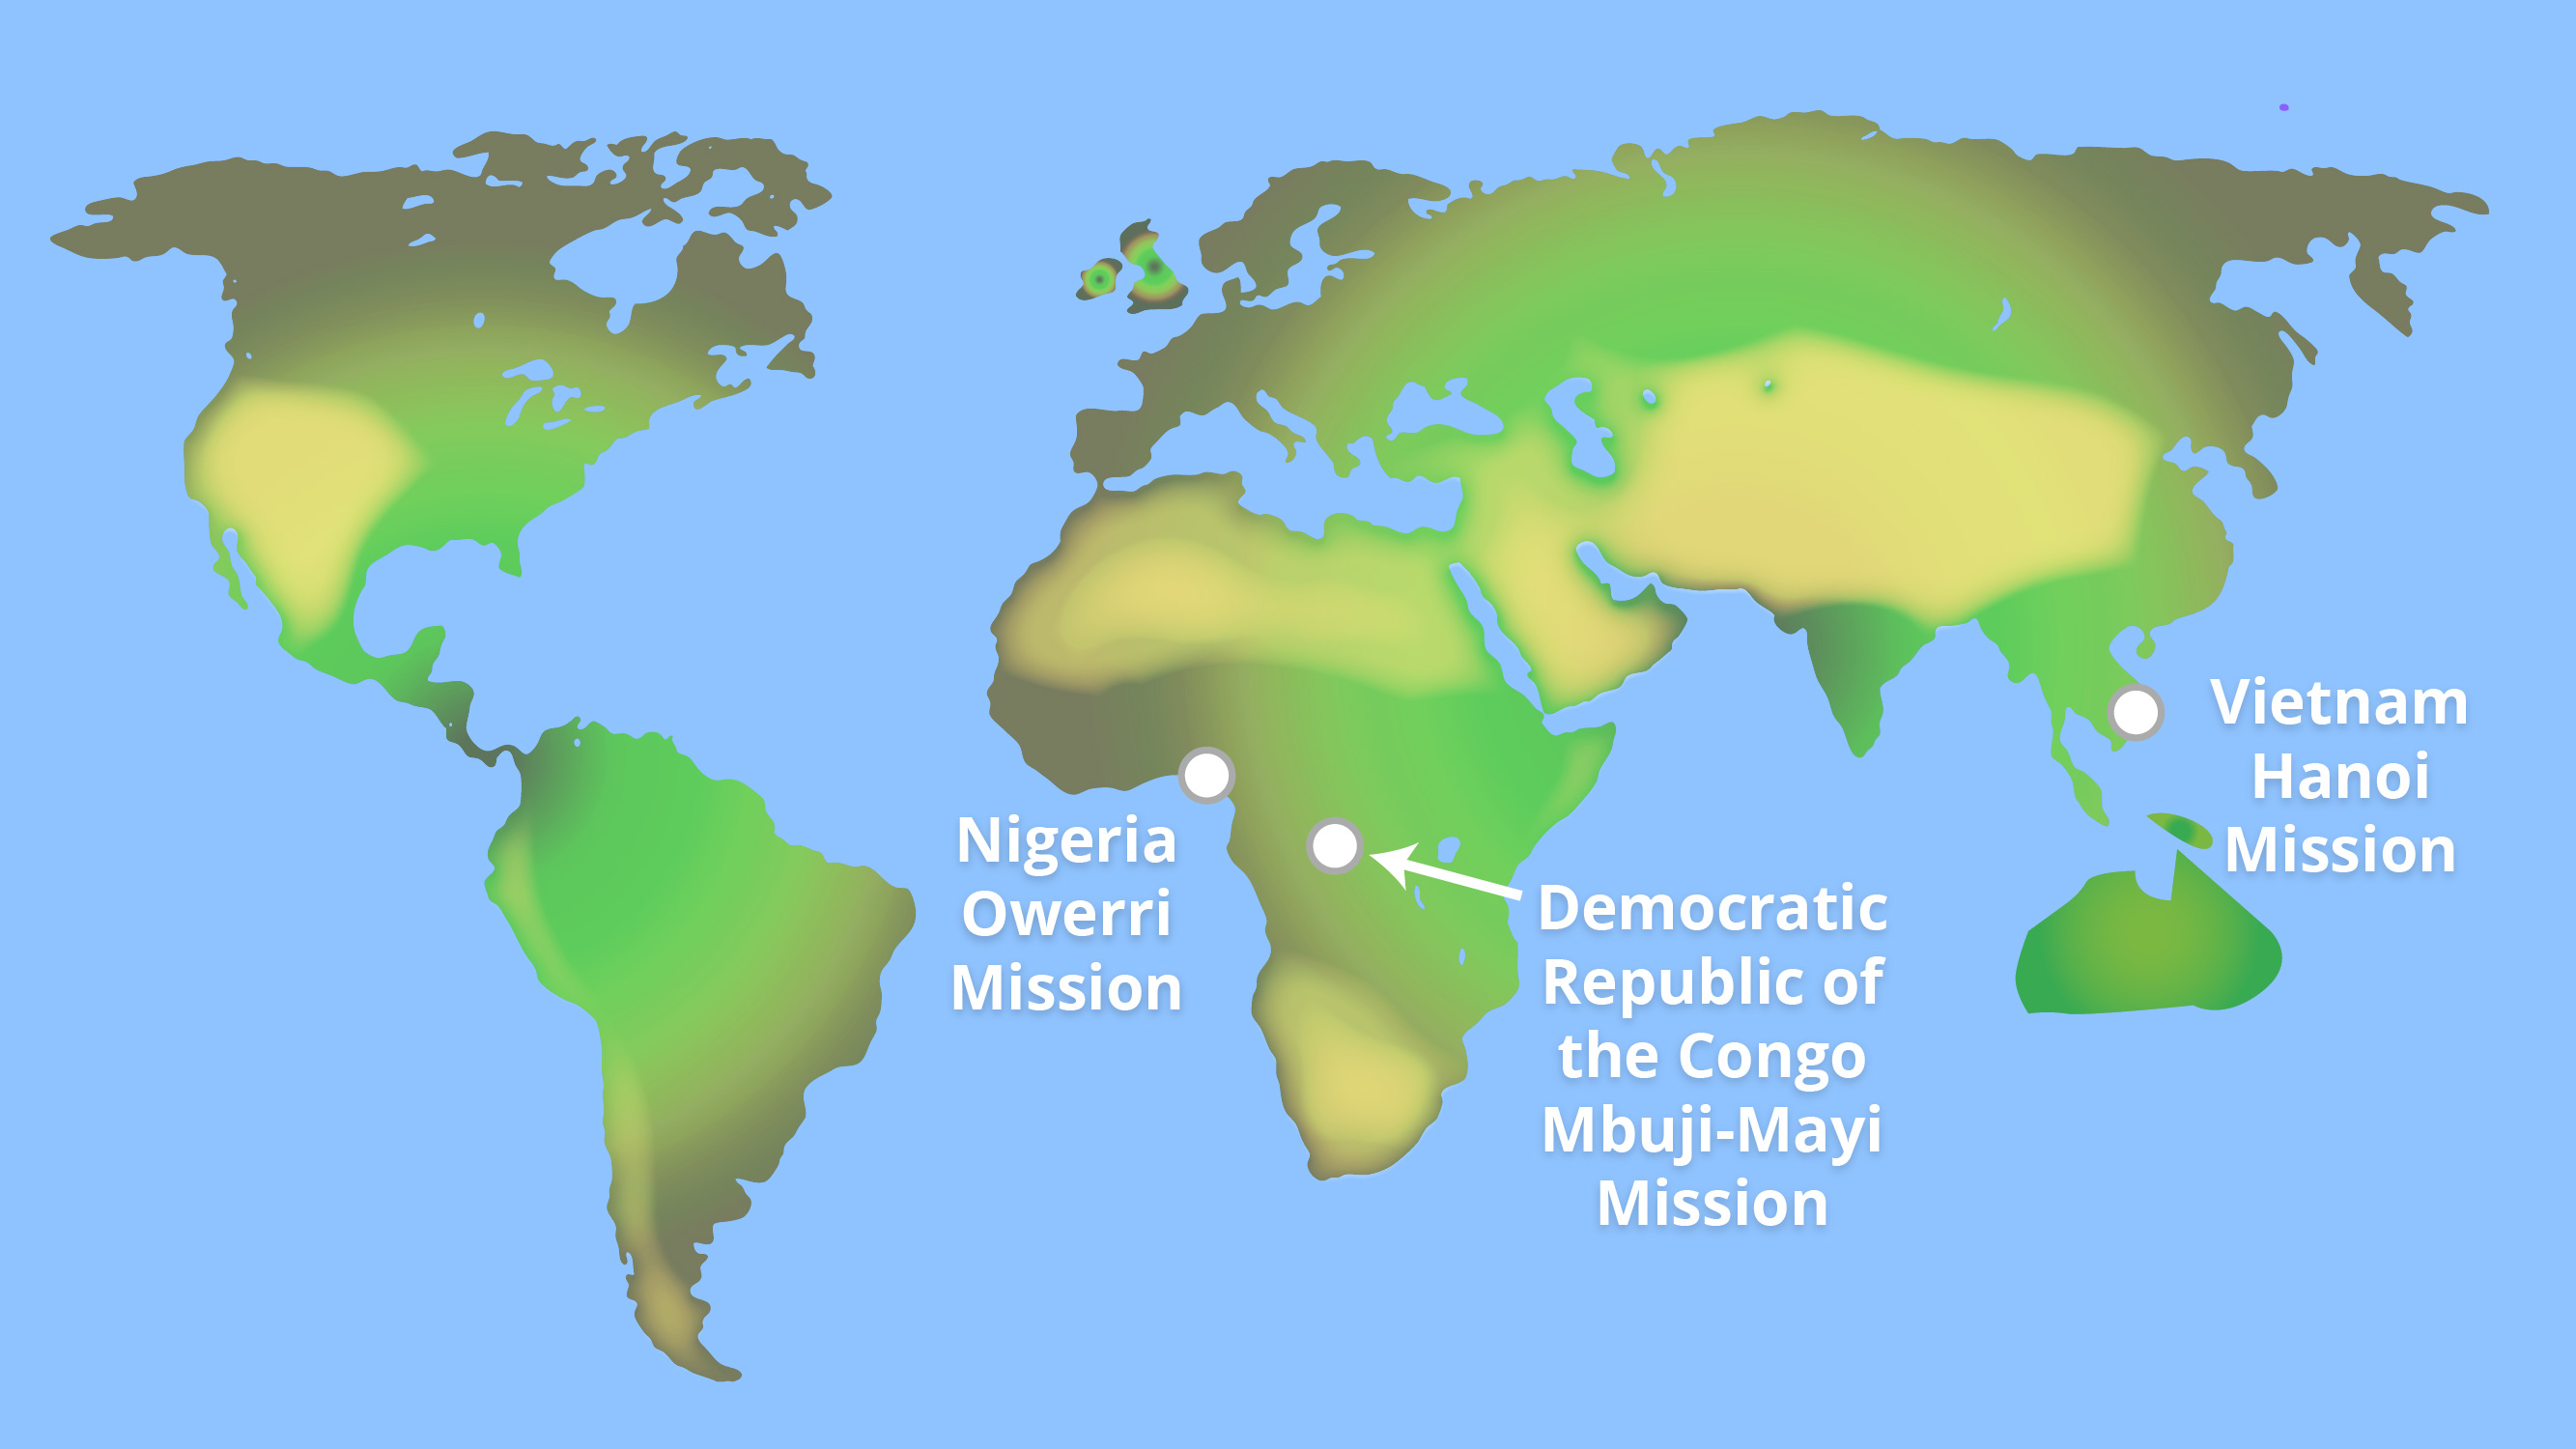 La iglesia anuncia 3 nuevas misiones en África y Asia